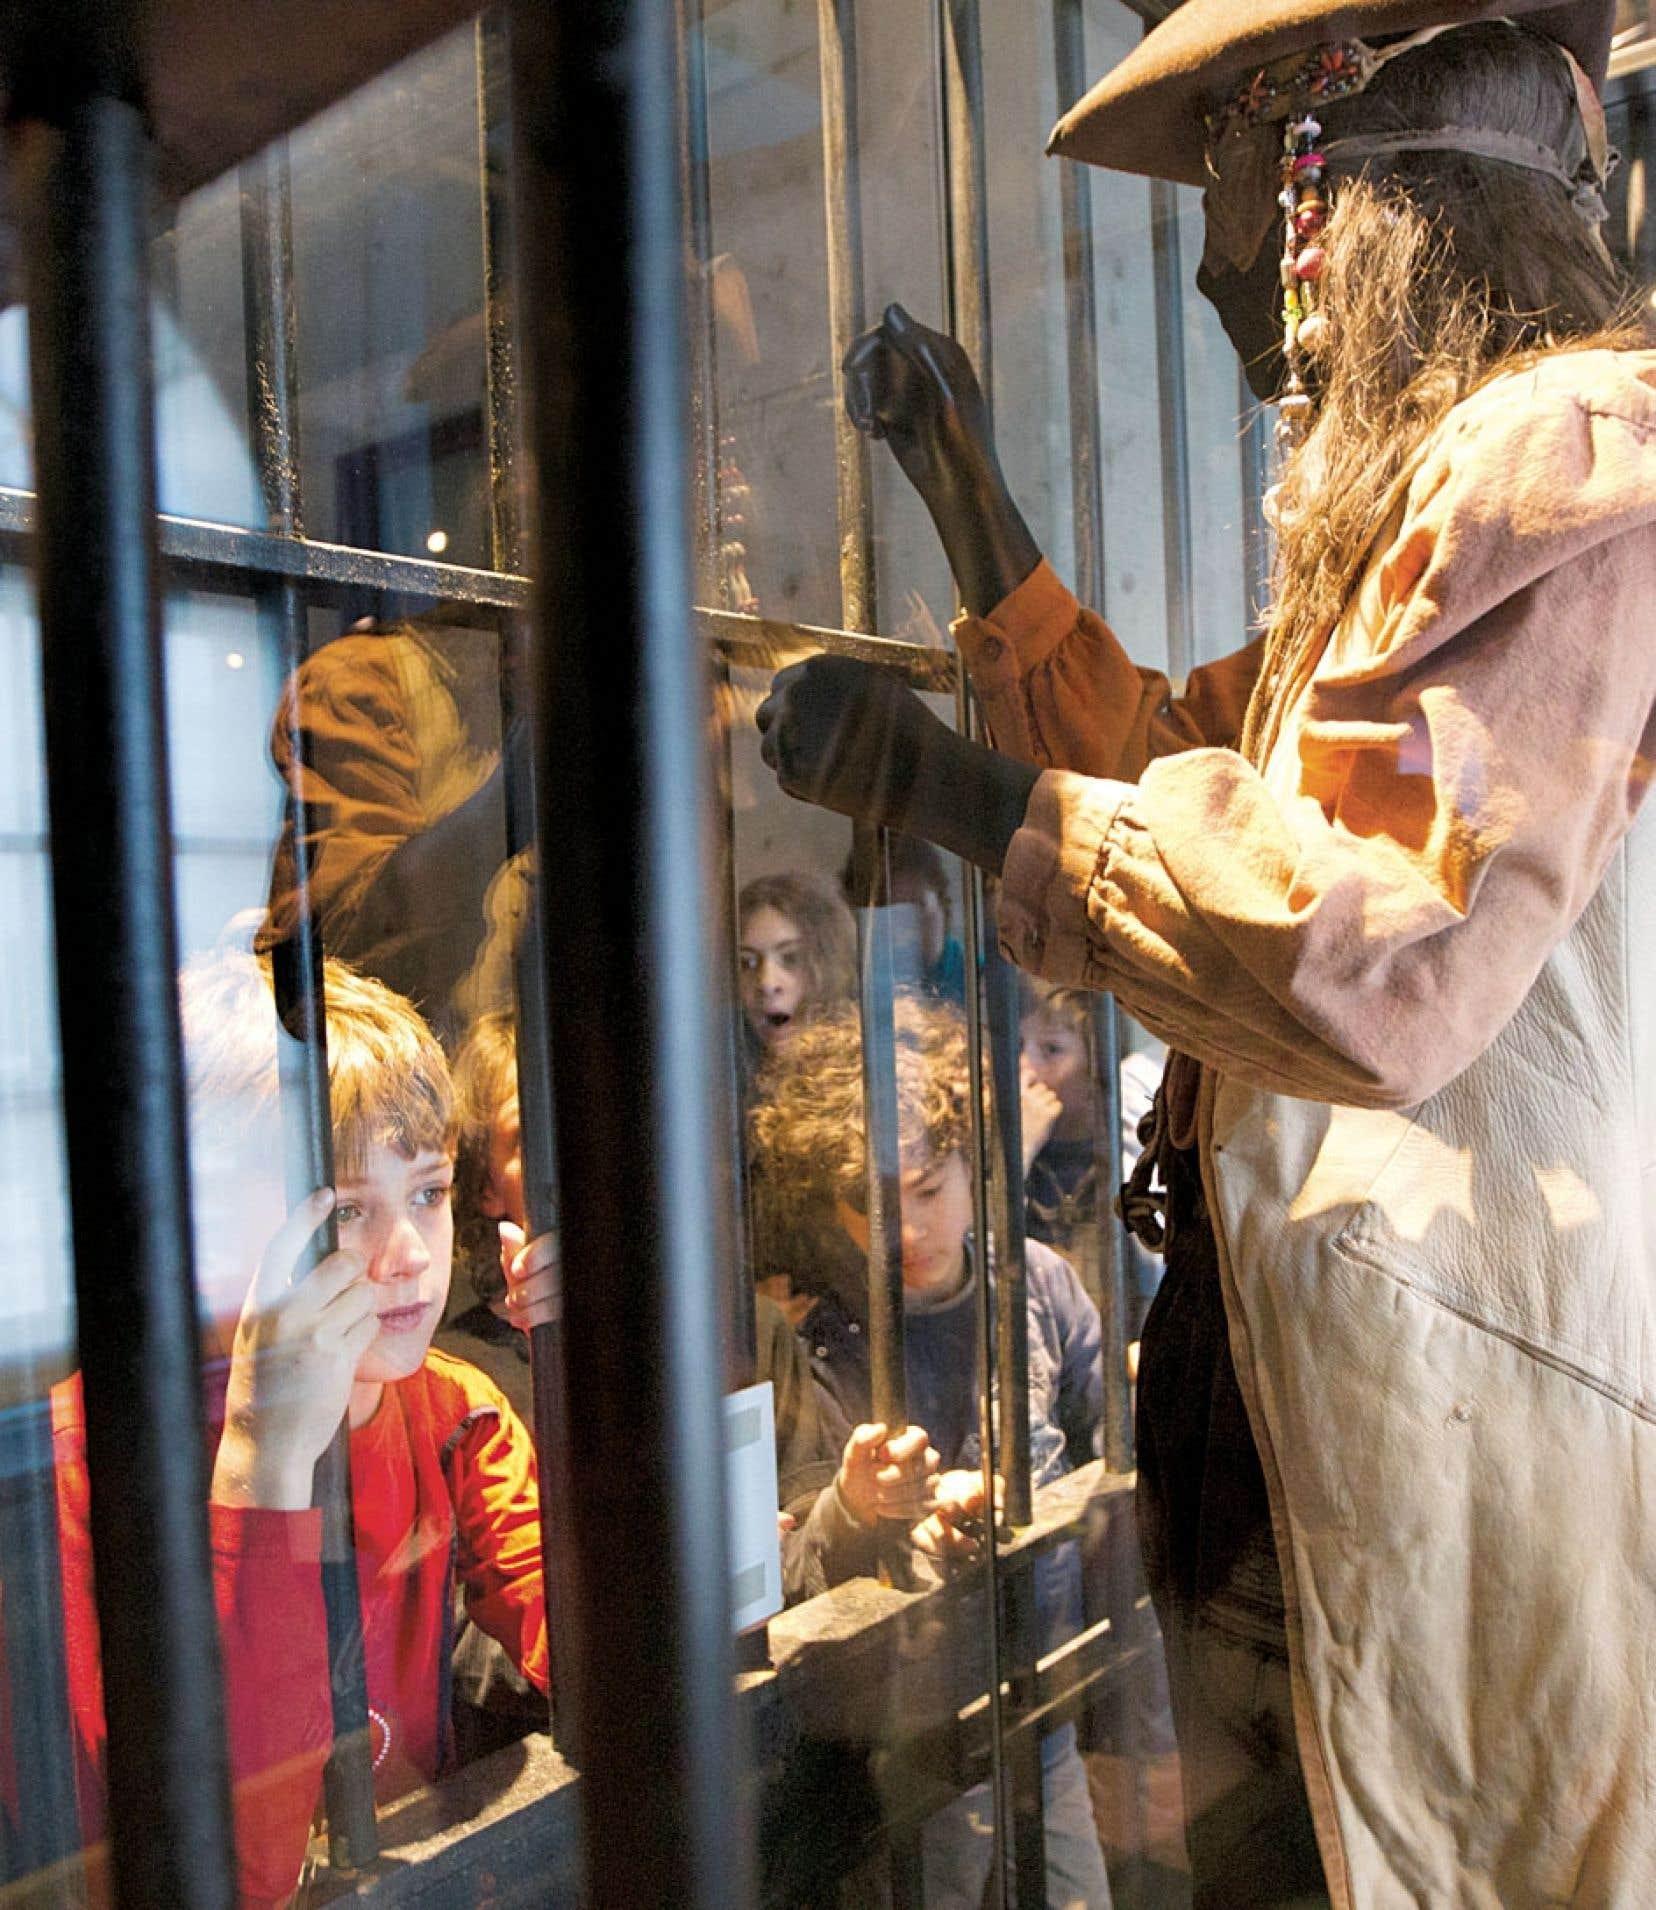 Le musée a consulté deux classes en 4eet 5eannées pour sa nouvelle exposition Pirates ou corsaires?. On a vite constaté que des jeux vidéo, ils en avaient bien assez à la maison. «Ce qu'ils voulaient, c'est manipuler, bouger, s'amuser et apprendre, dit Monique Camirand, directrice du projet.